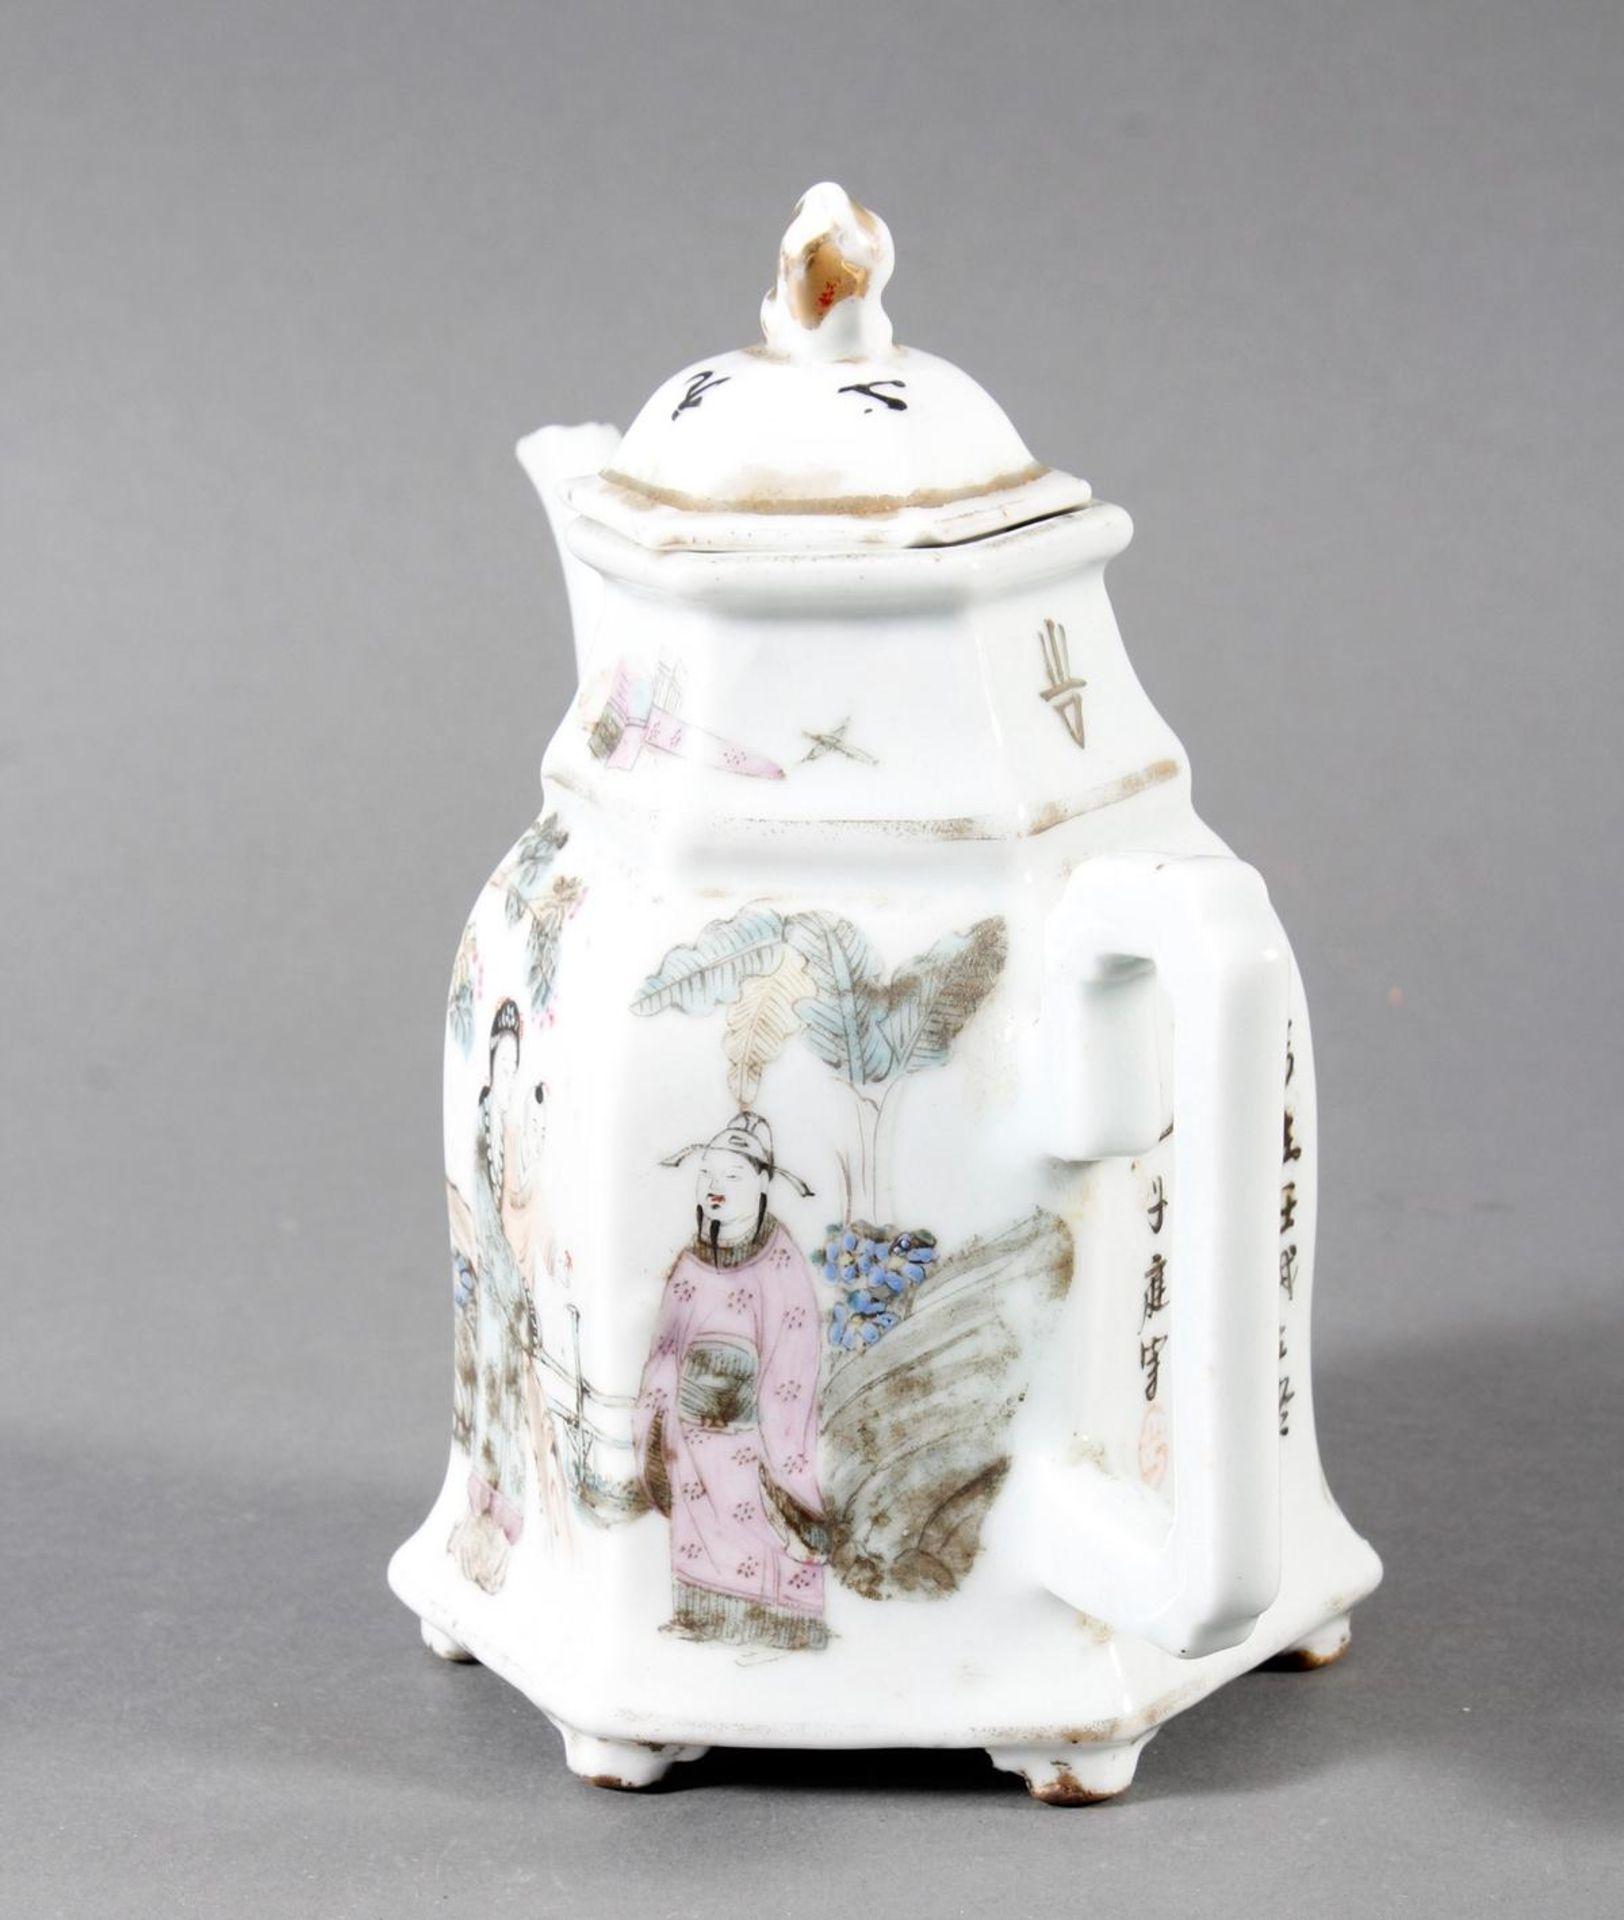 Porzellan Teekann, China, 19. Jahrhundert - Bild 4 aus 15